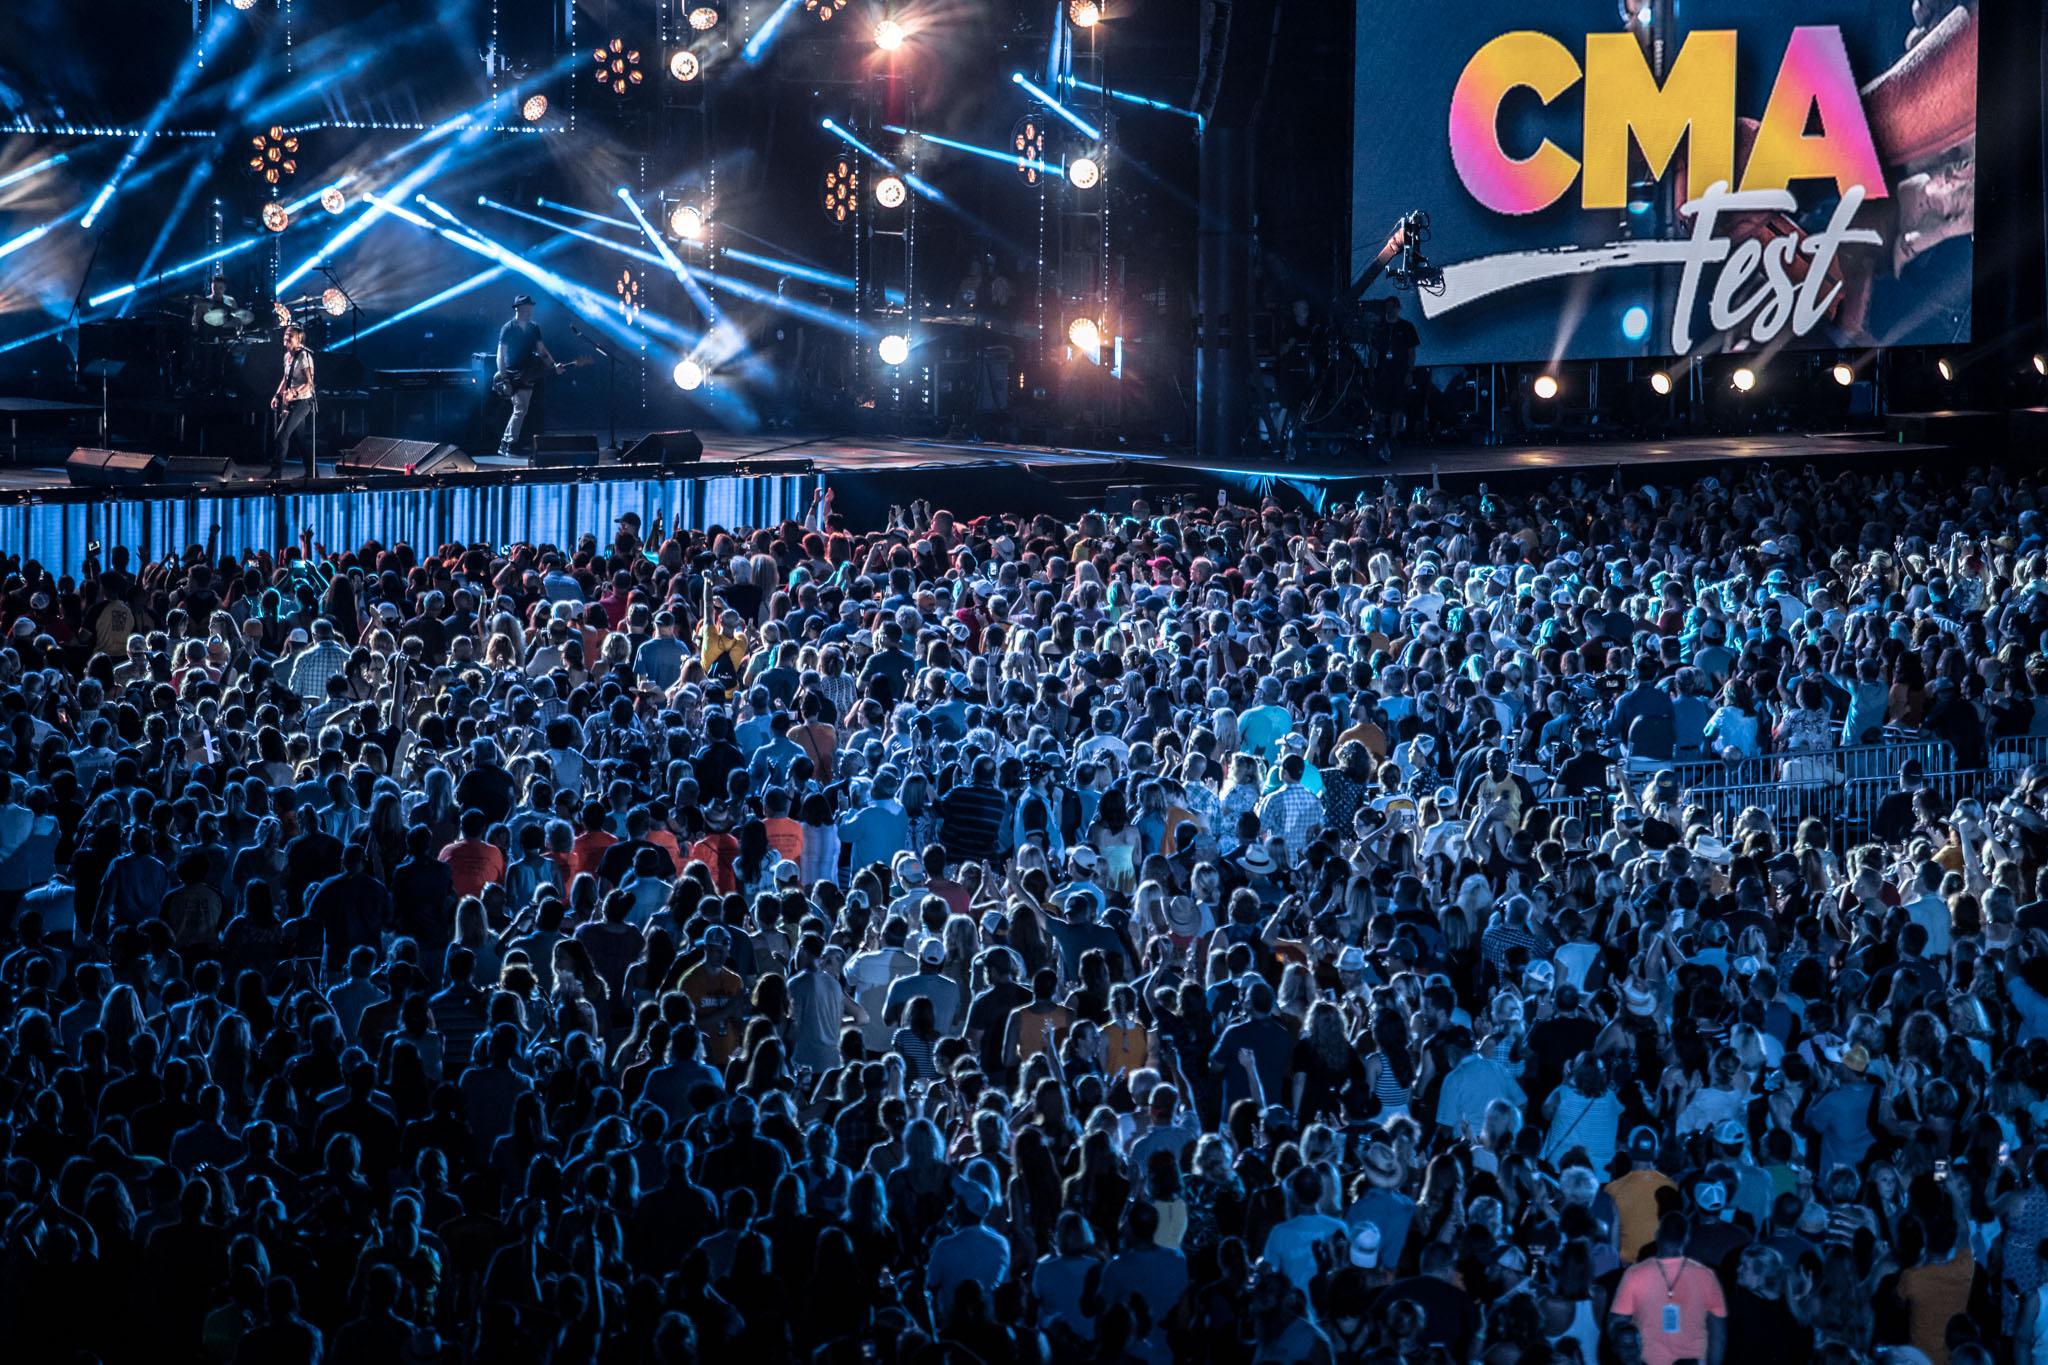 na06112017-CMA Fest Night 471.jpg